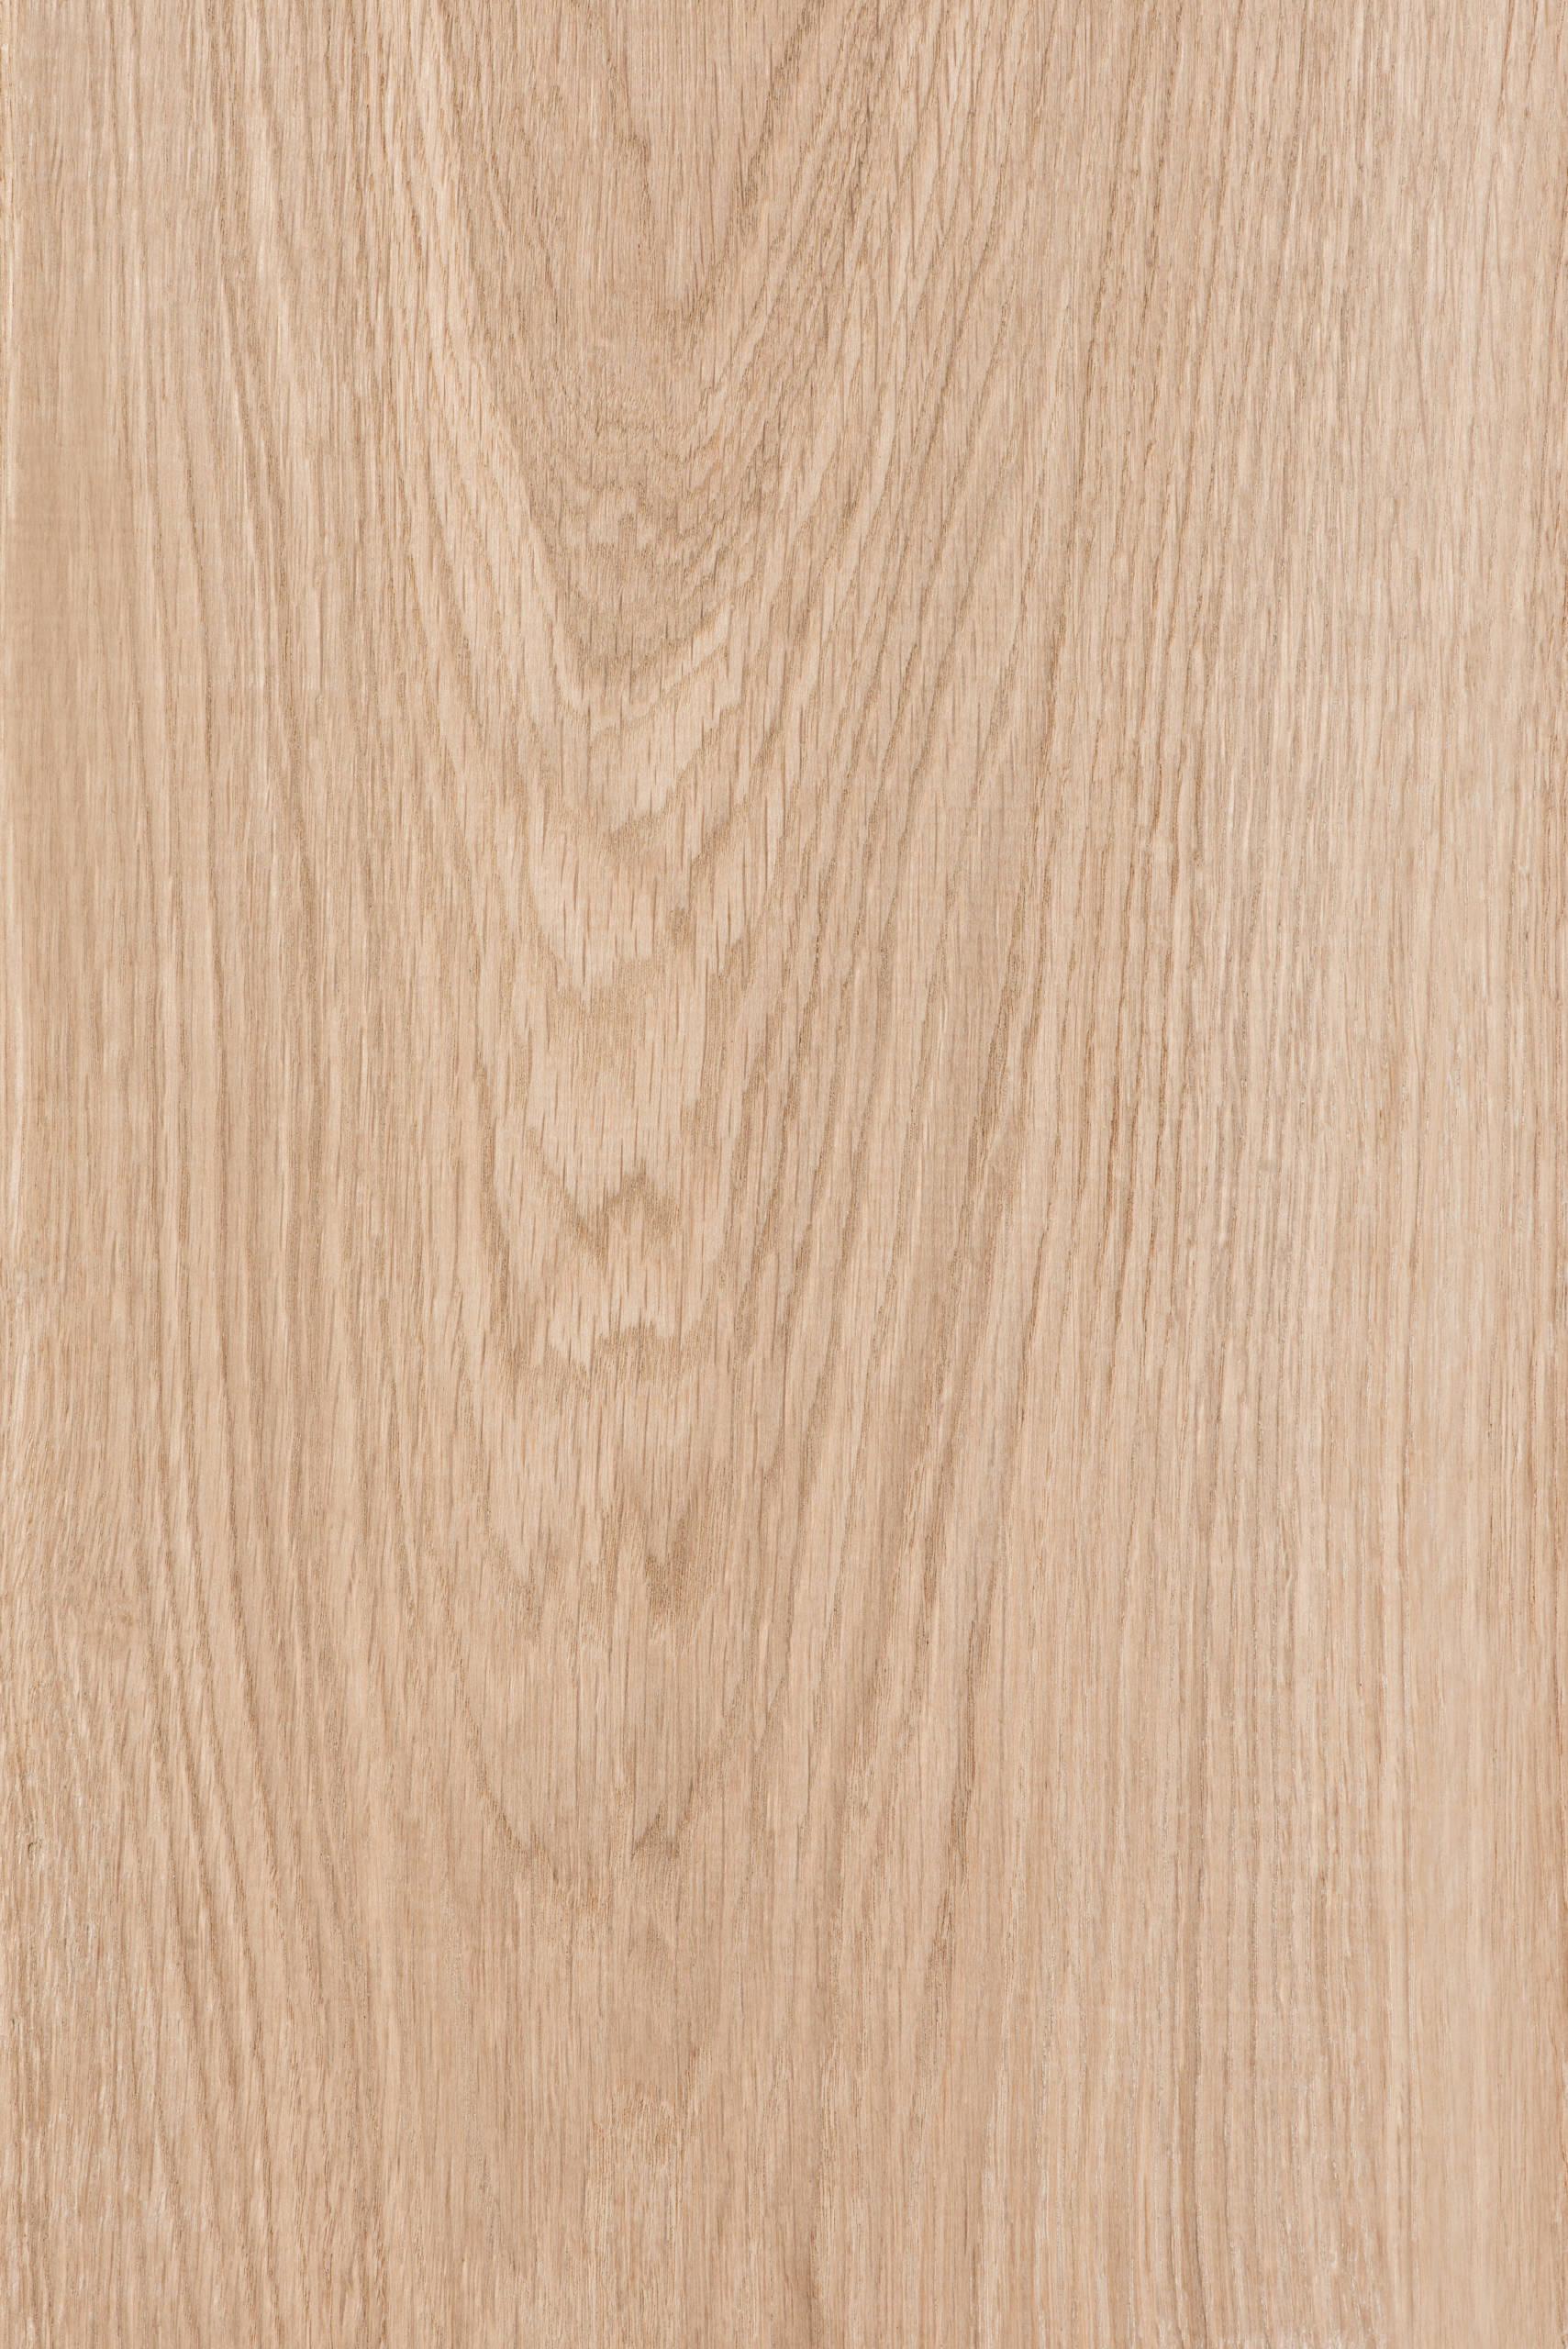 Oak C/C